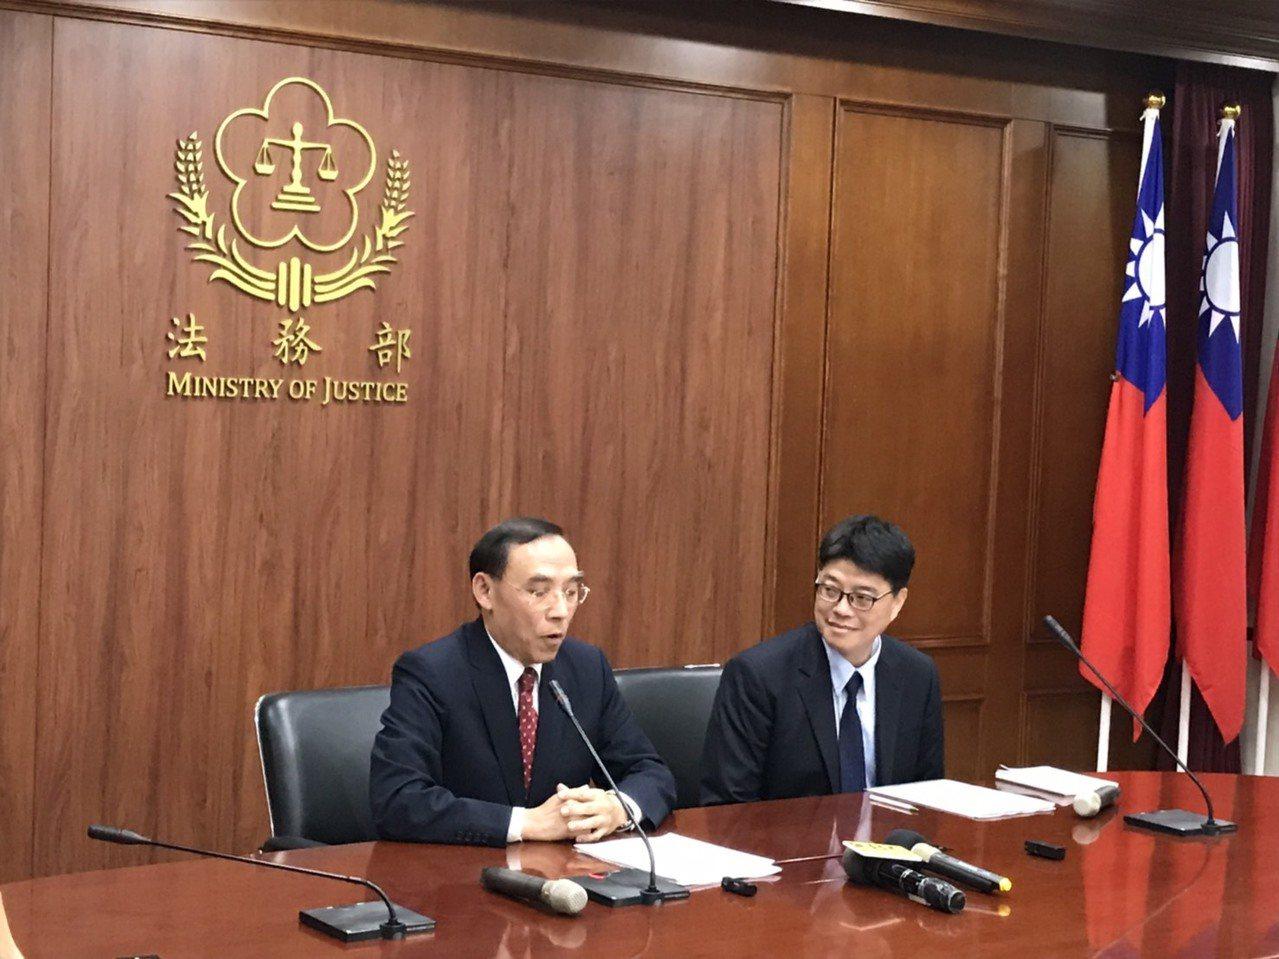 陸委會與法務部今日晚間召開記者會。圖/記者呂佳蓉攝影